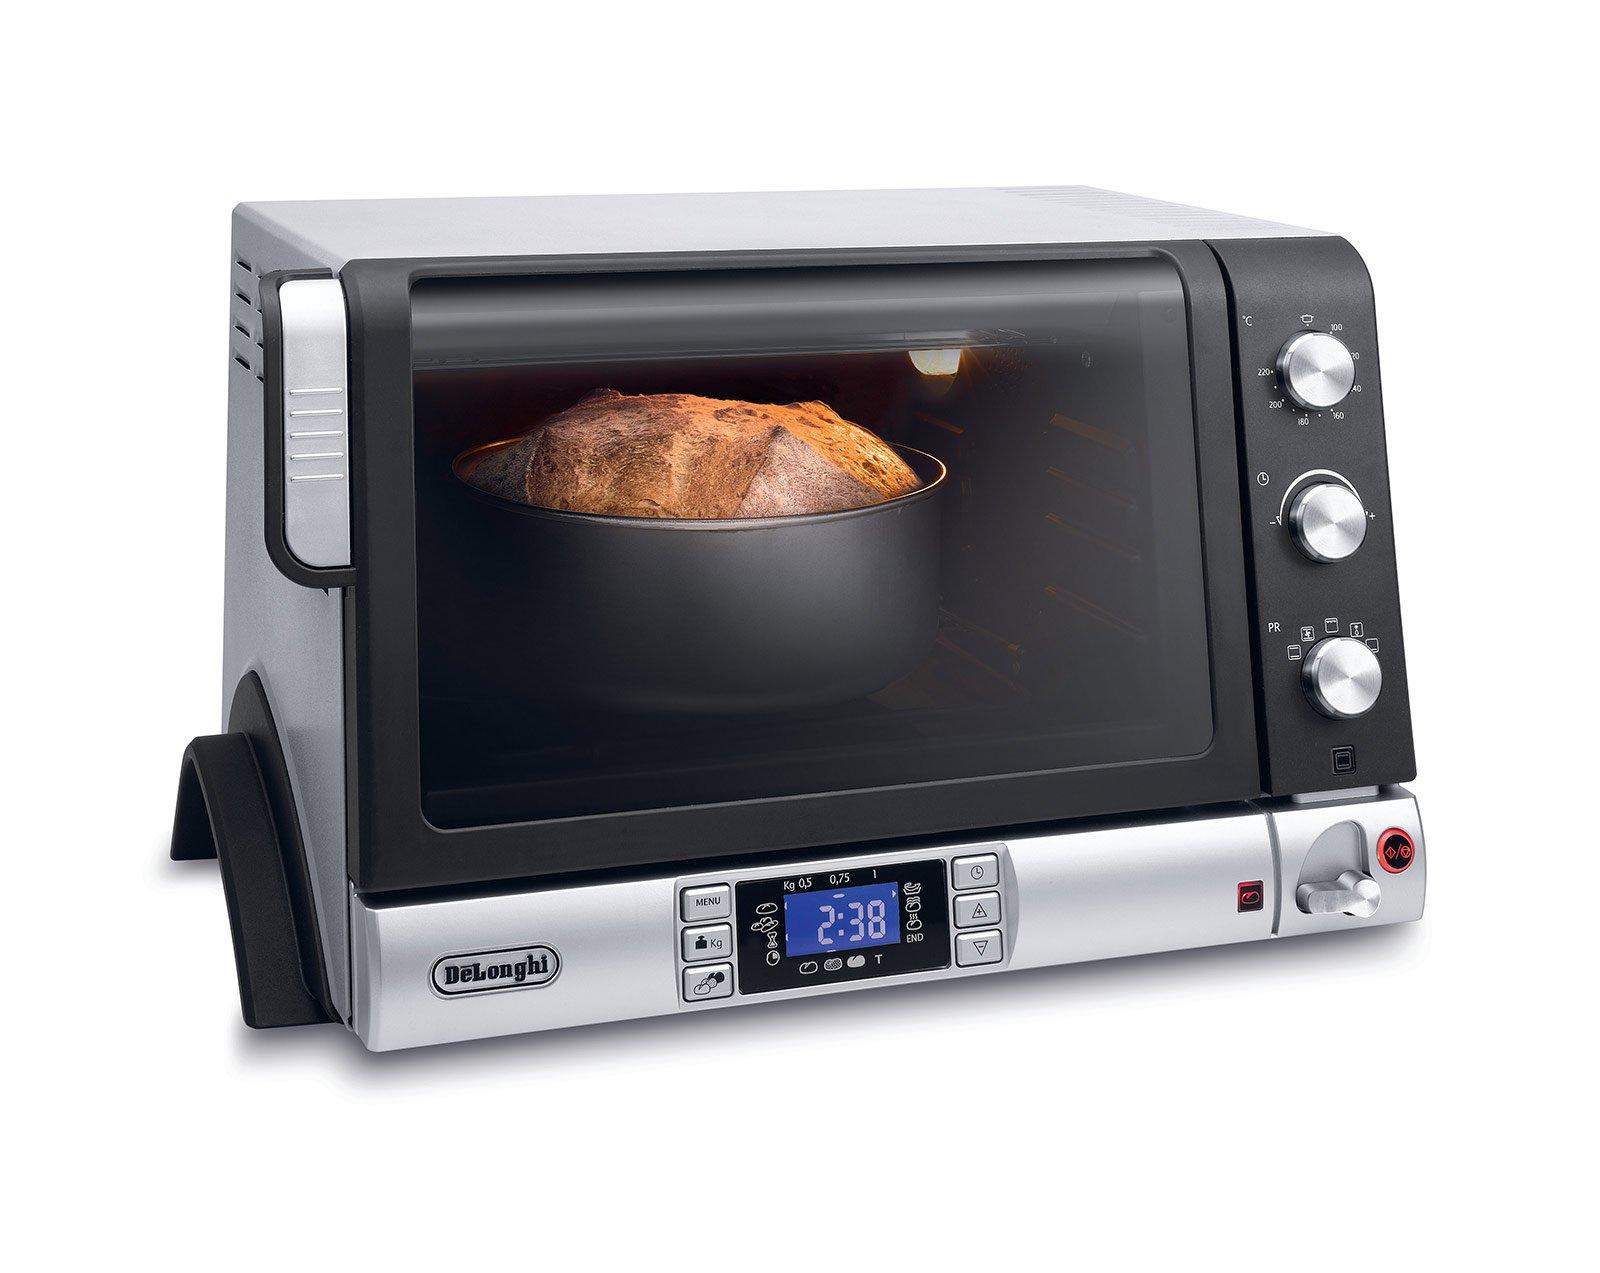 Macchine per il pane cose di casa - Forno tradizionale e microonde insieme ...